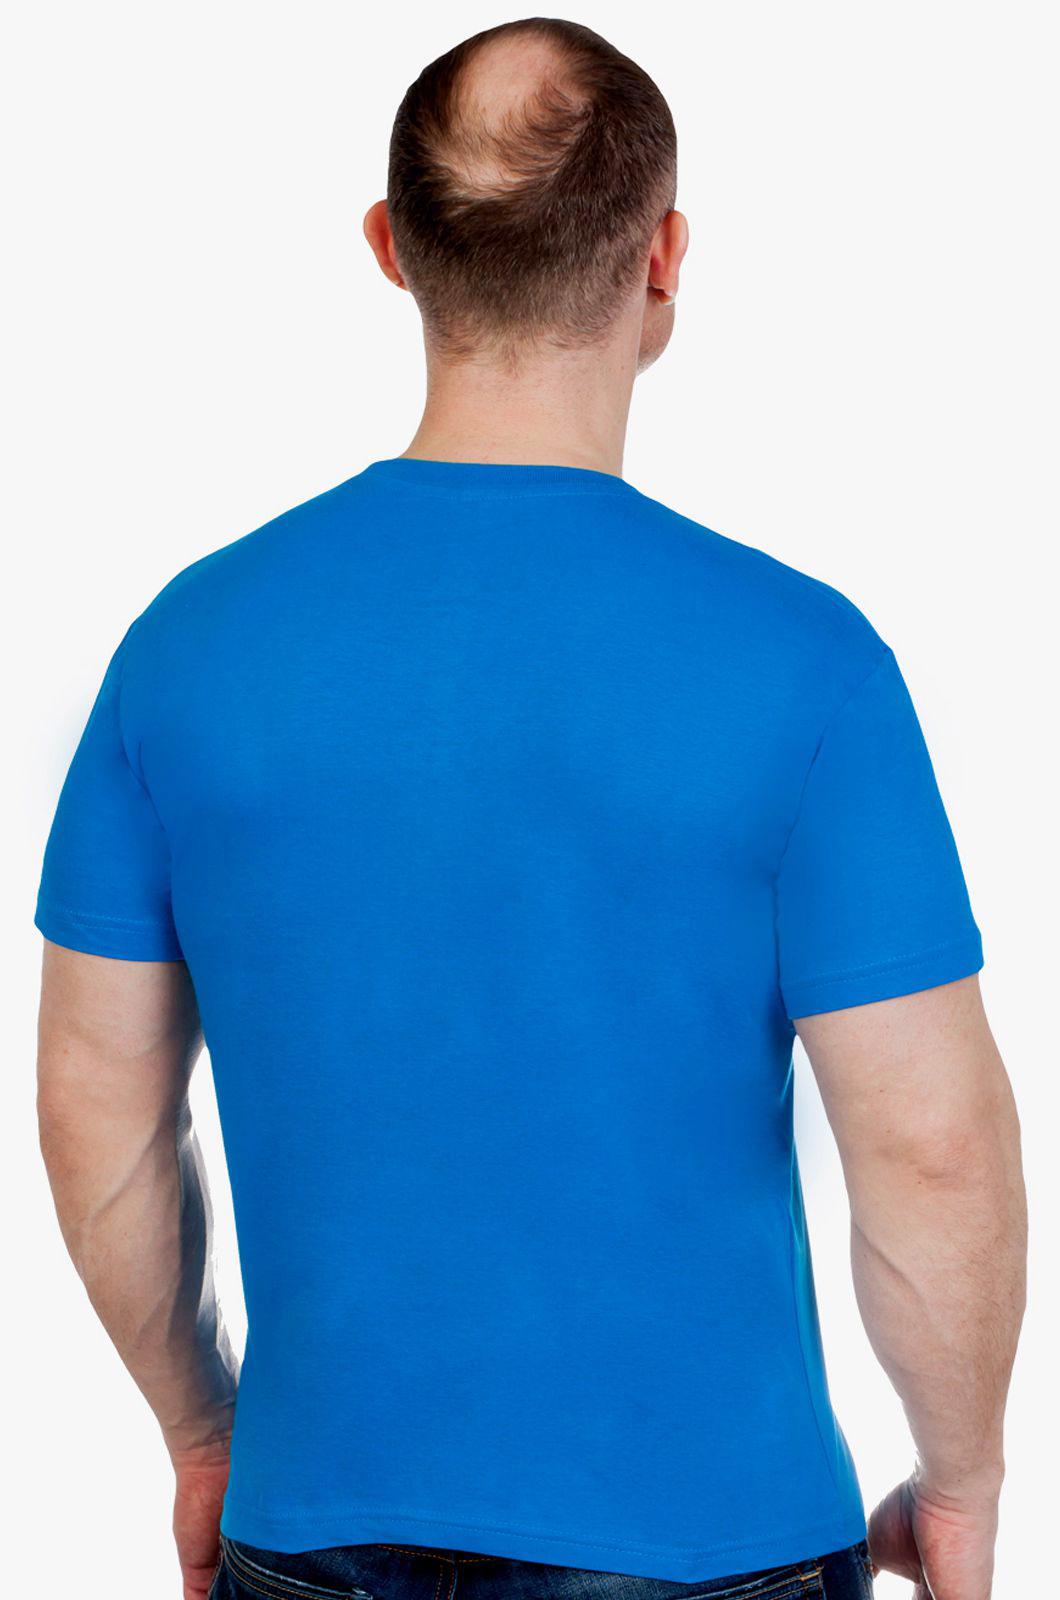 Хлопковая оригинальная футболка ВМФ - купить в подарок